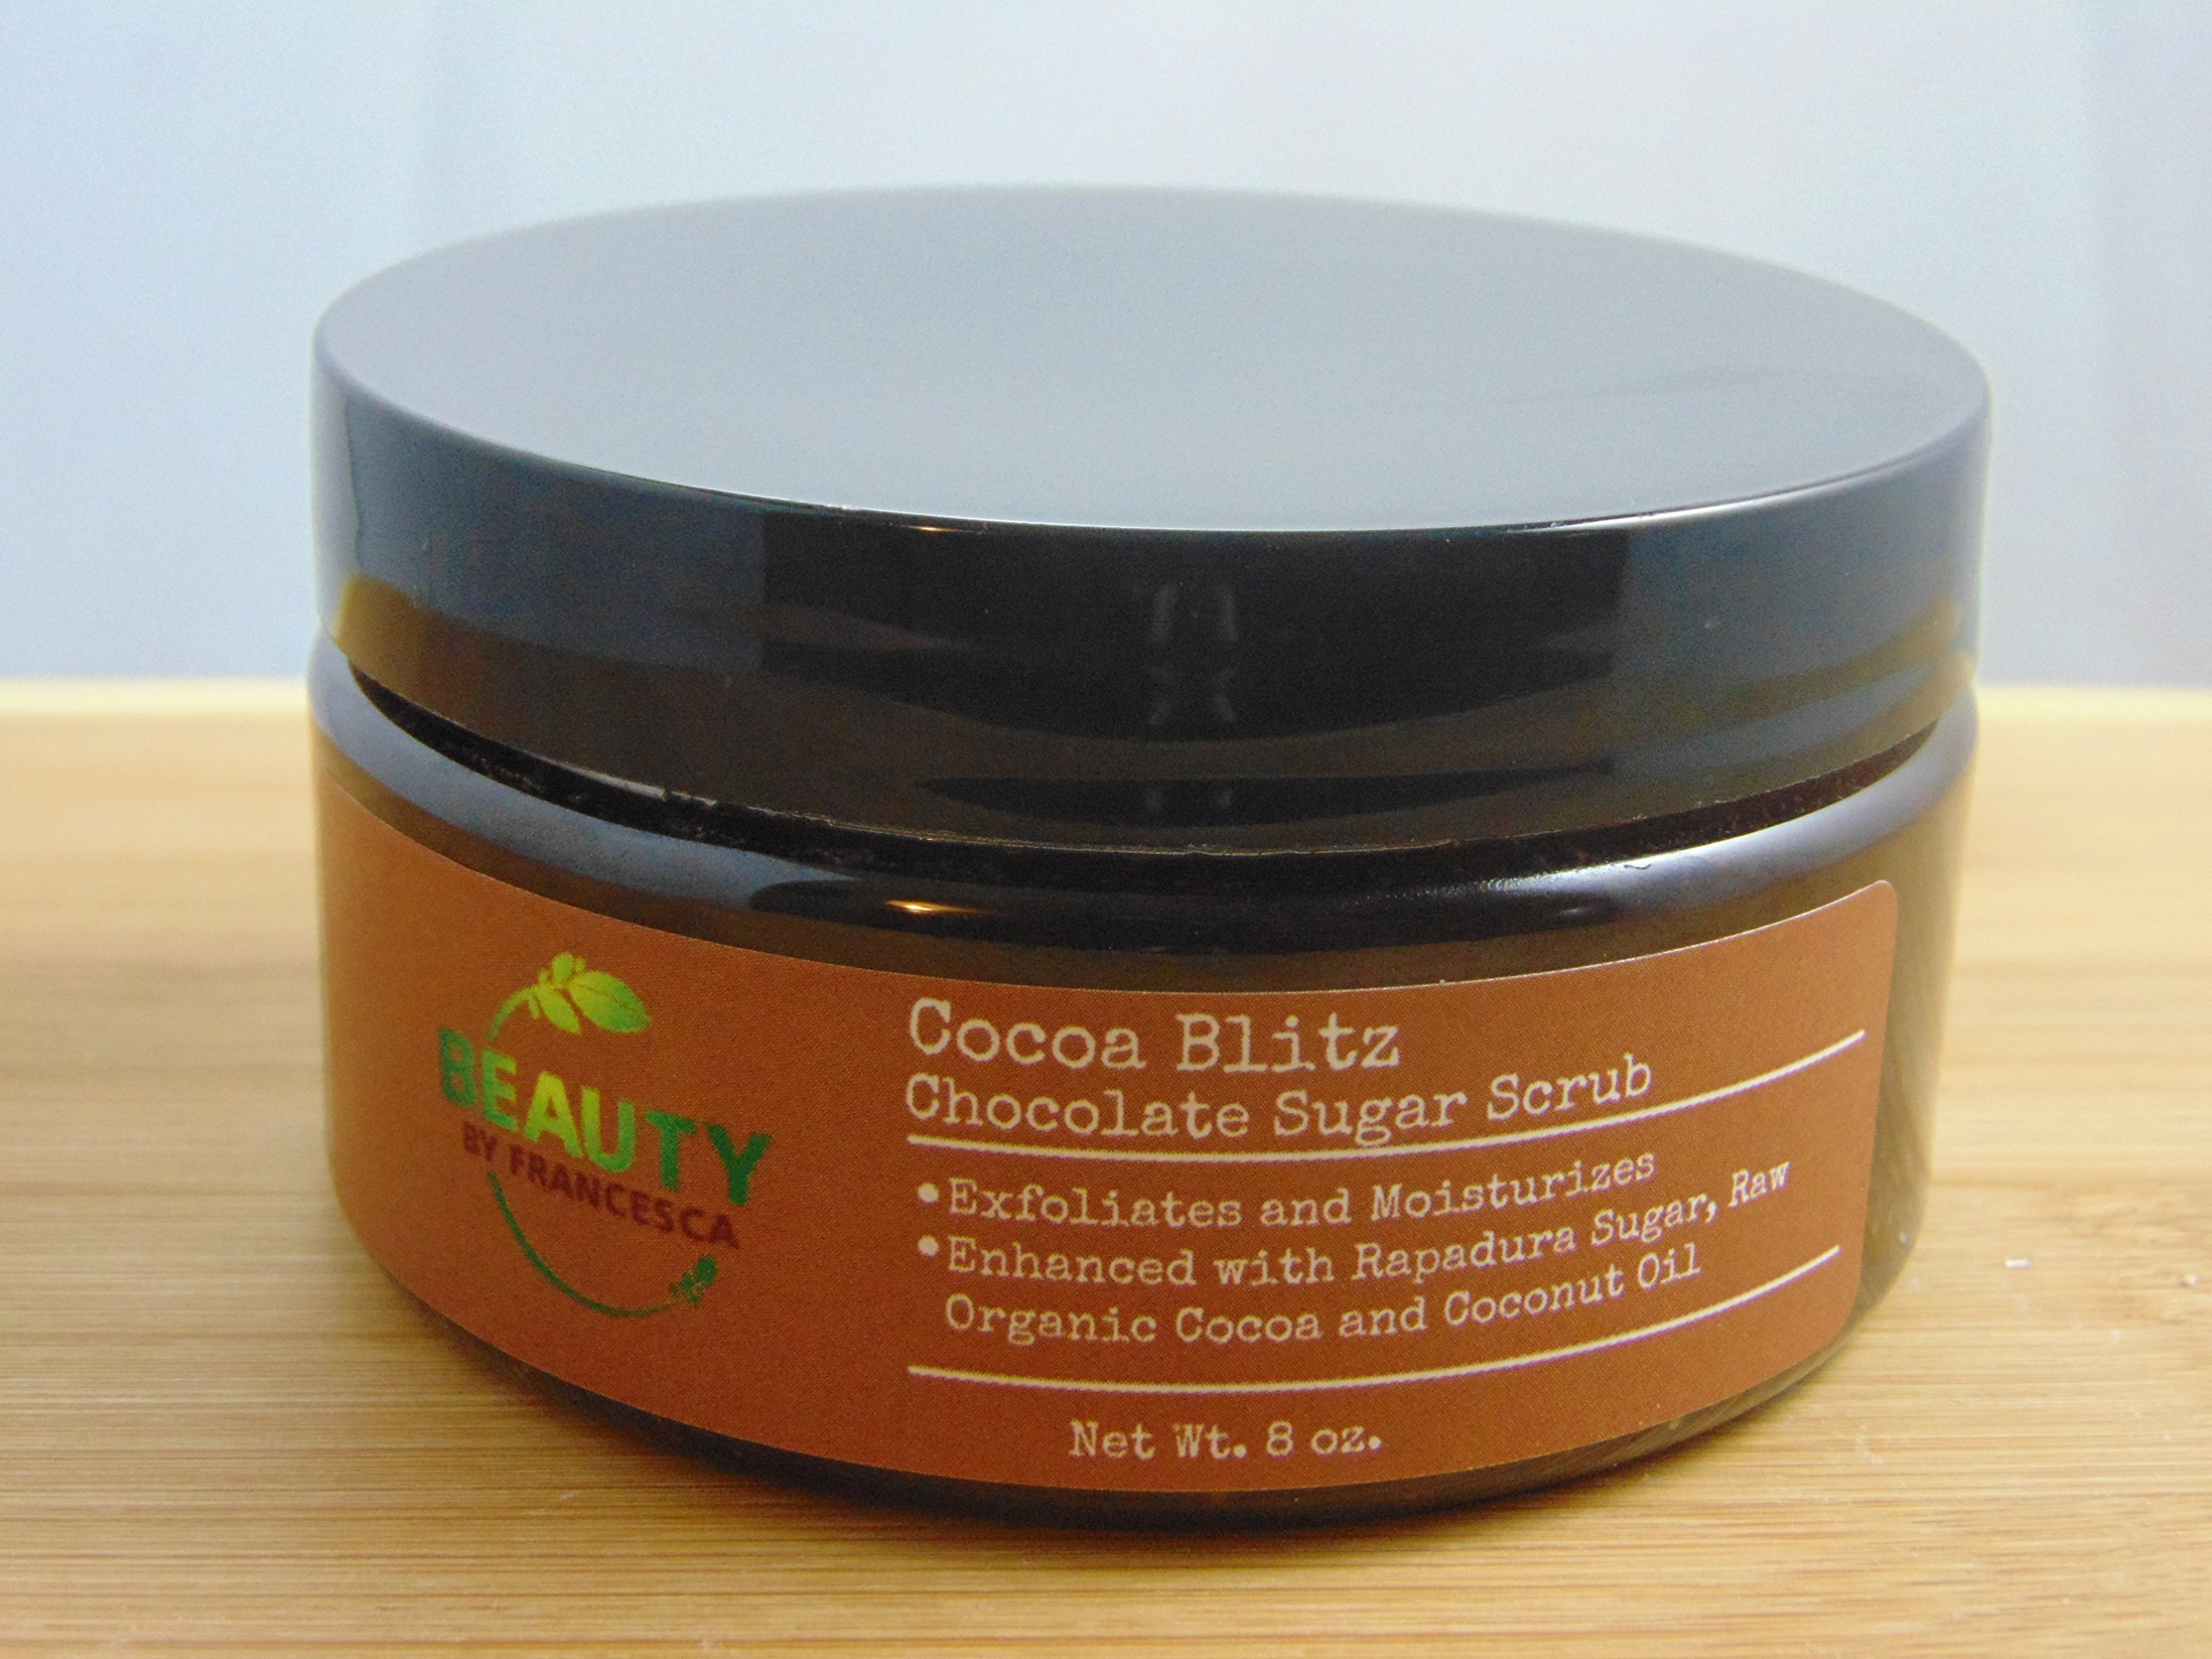 Chocolate Body Scrub - Cocoa Blitz